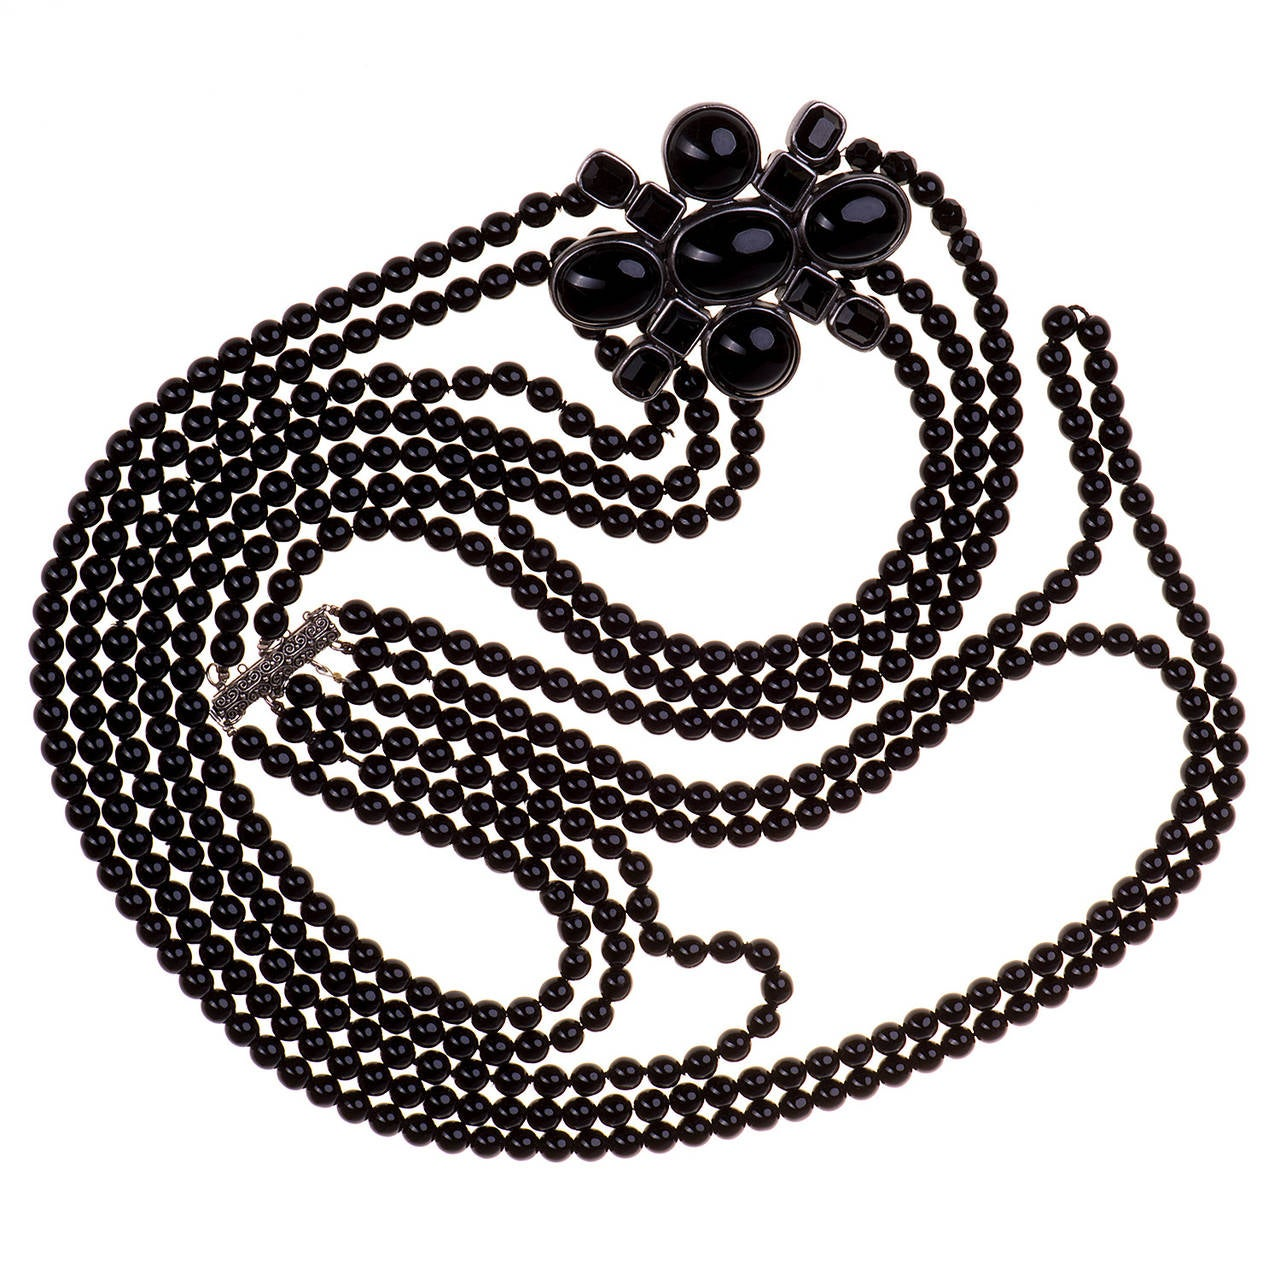 Très Chic Chanel 'Pate de Verre' 5-Strand Sautoir necklace 3